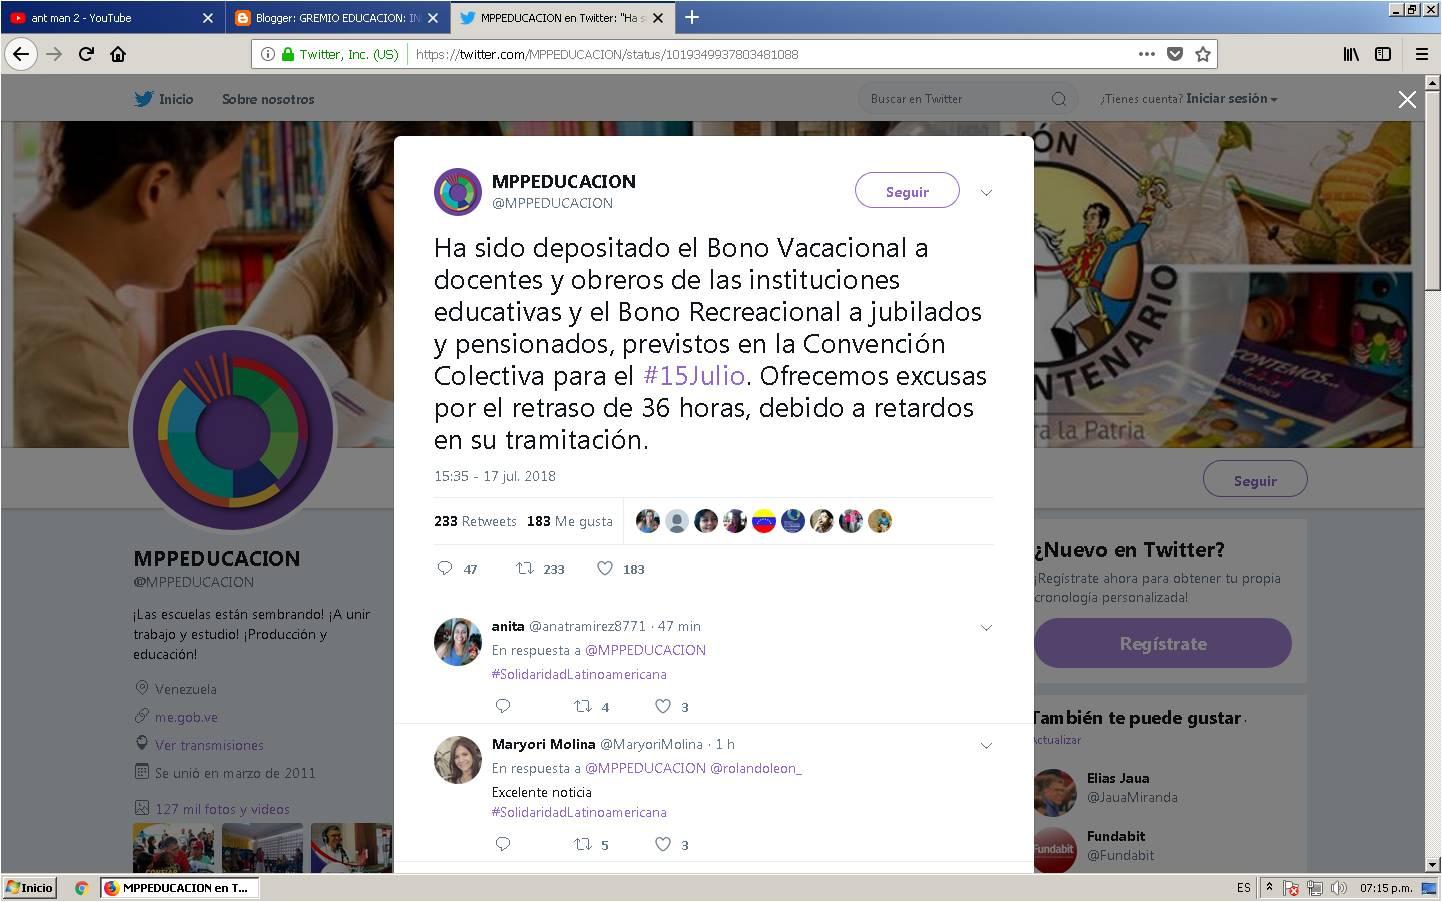 Ha sido depositado el Bono Vacacional a docentes y obreros de las instituciones educativas y el Bono Recreacional a jubilados y pensionados